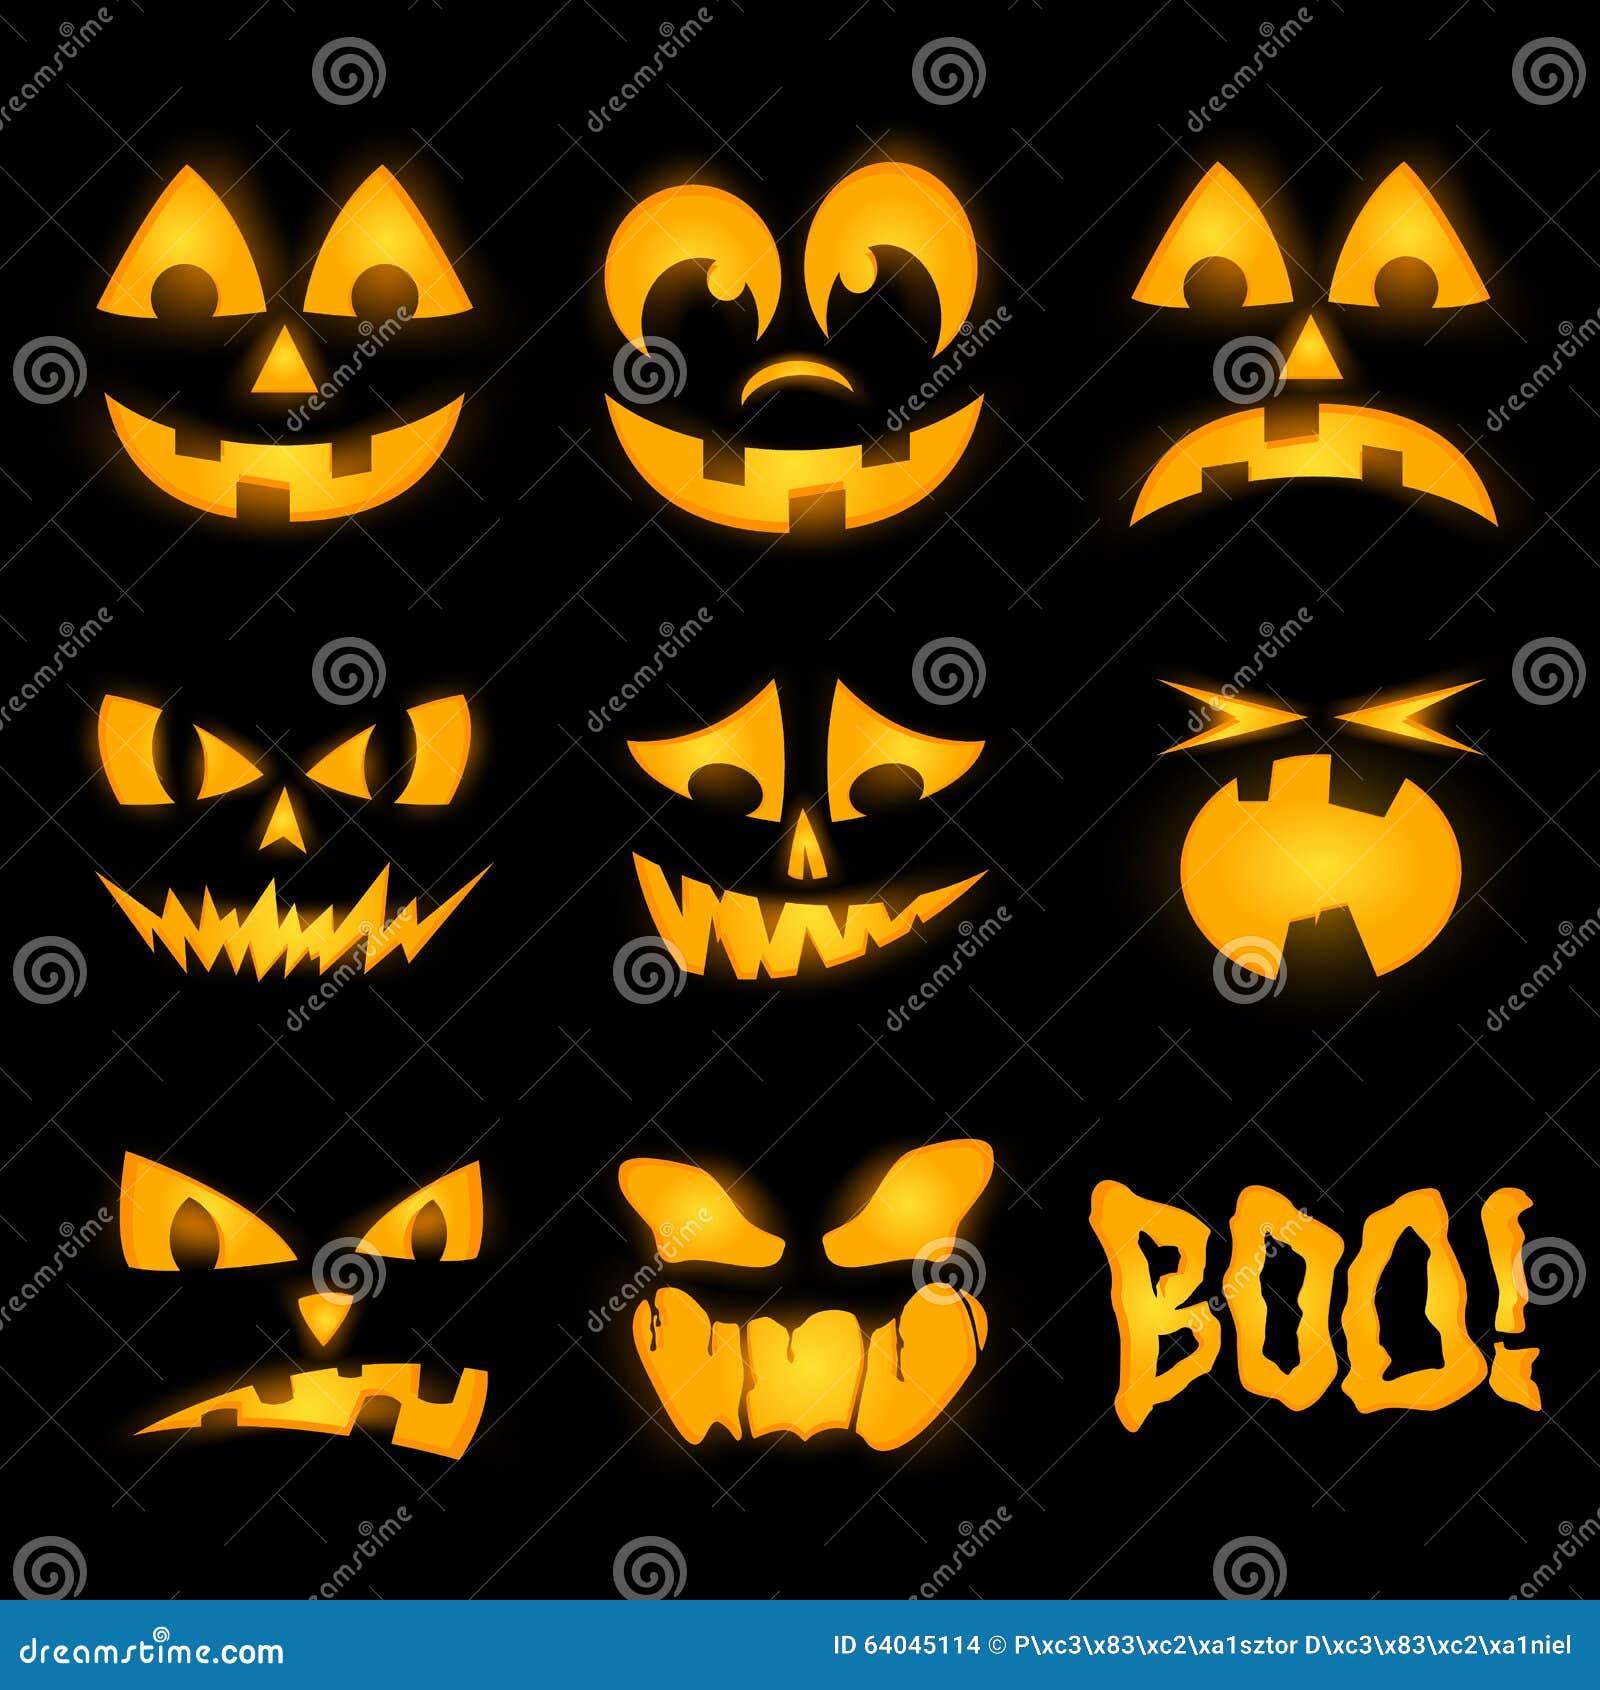 orange halloween k rbisgesichter stock abbildung illustration von laterne hintergrund 64045114. Black Bedroom Furniture Sets. Home Design Ideas